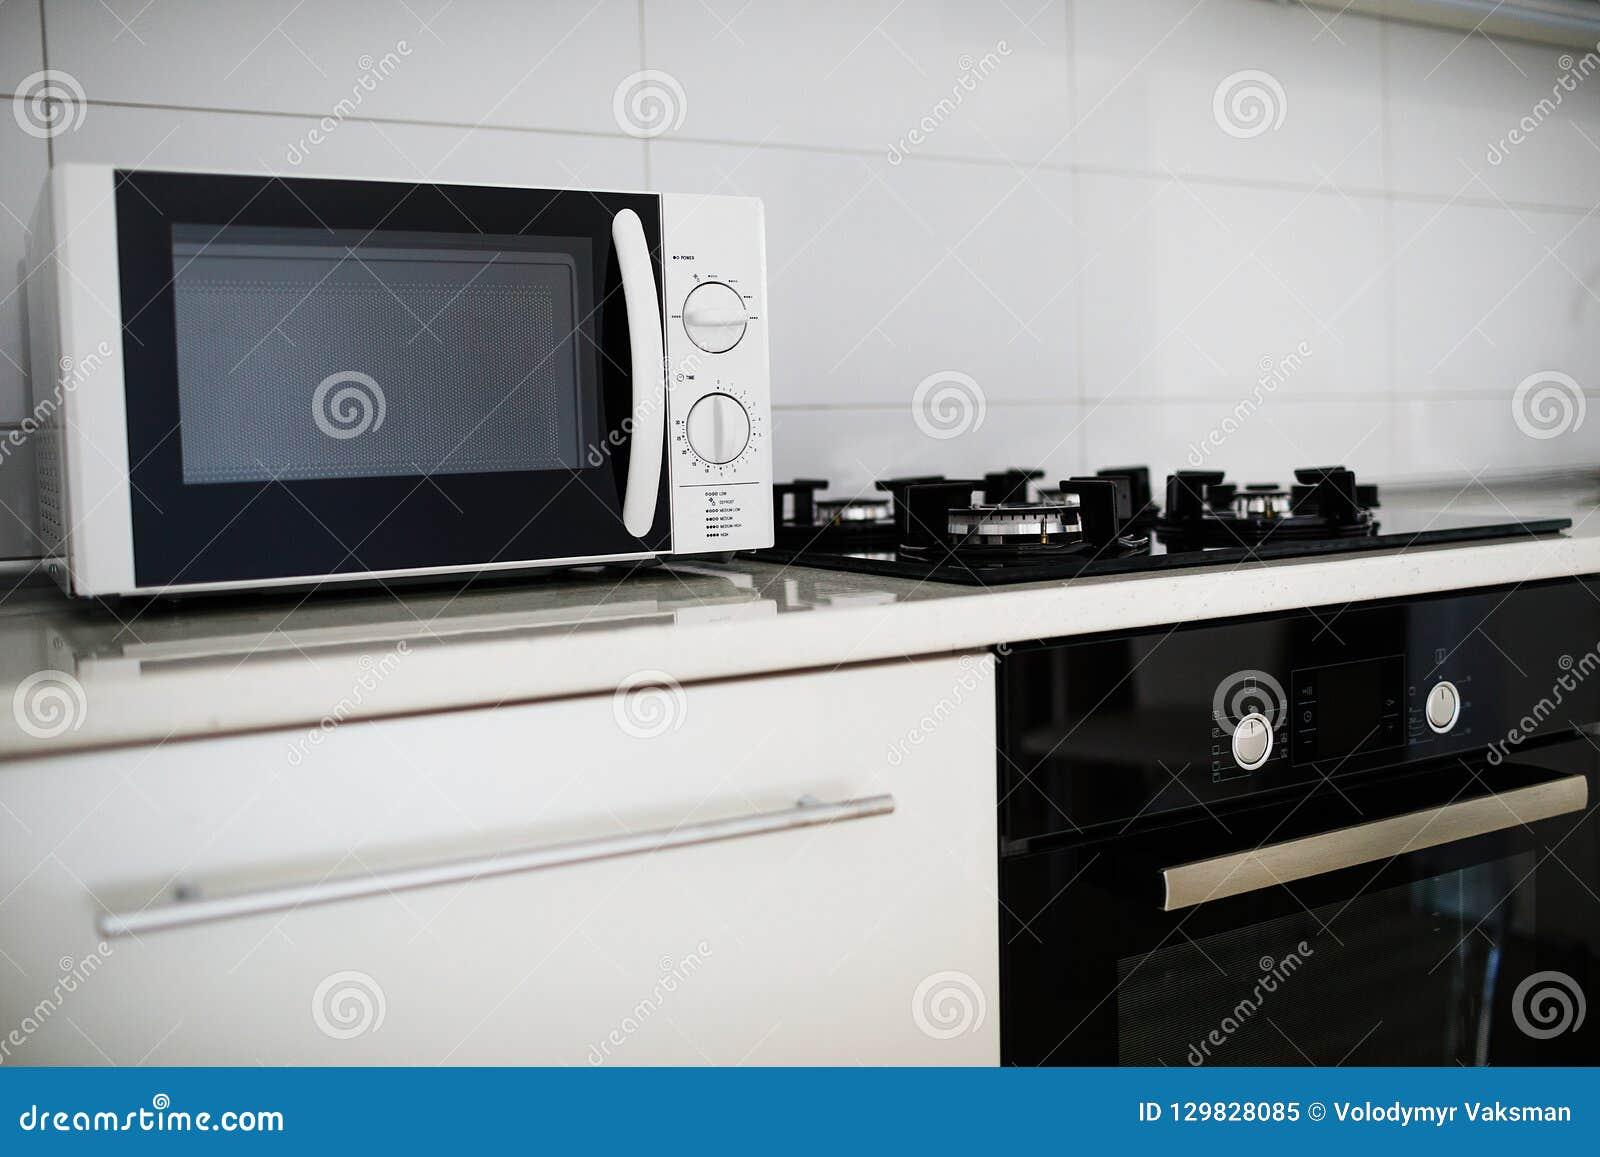 Meuble Cuisine Four Et Micro Onde intérieur moderne de cuisine avec électrique et le four à